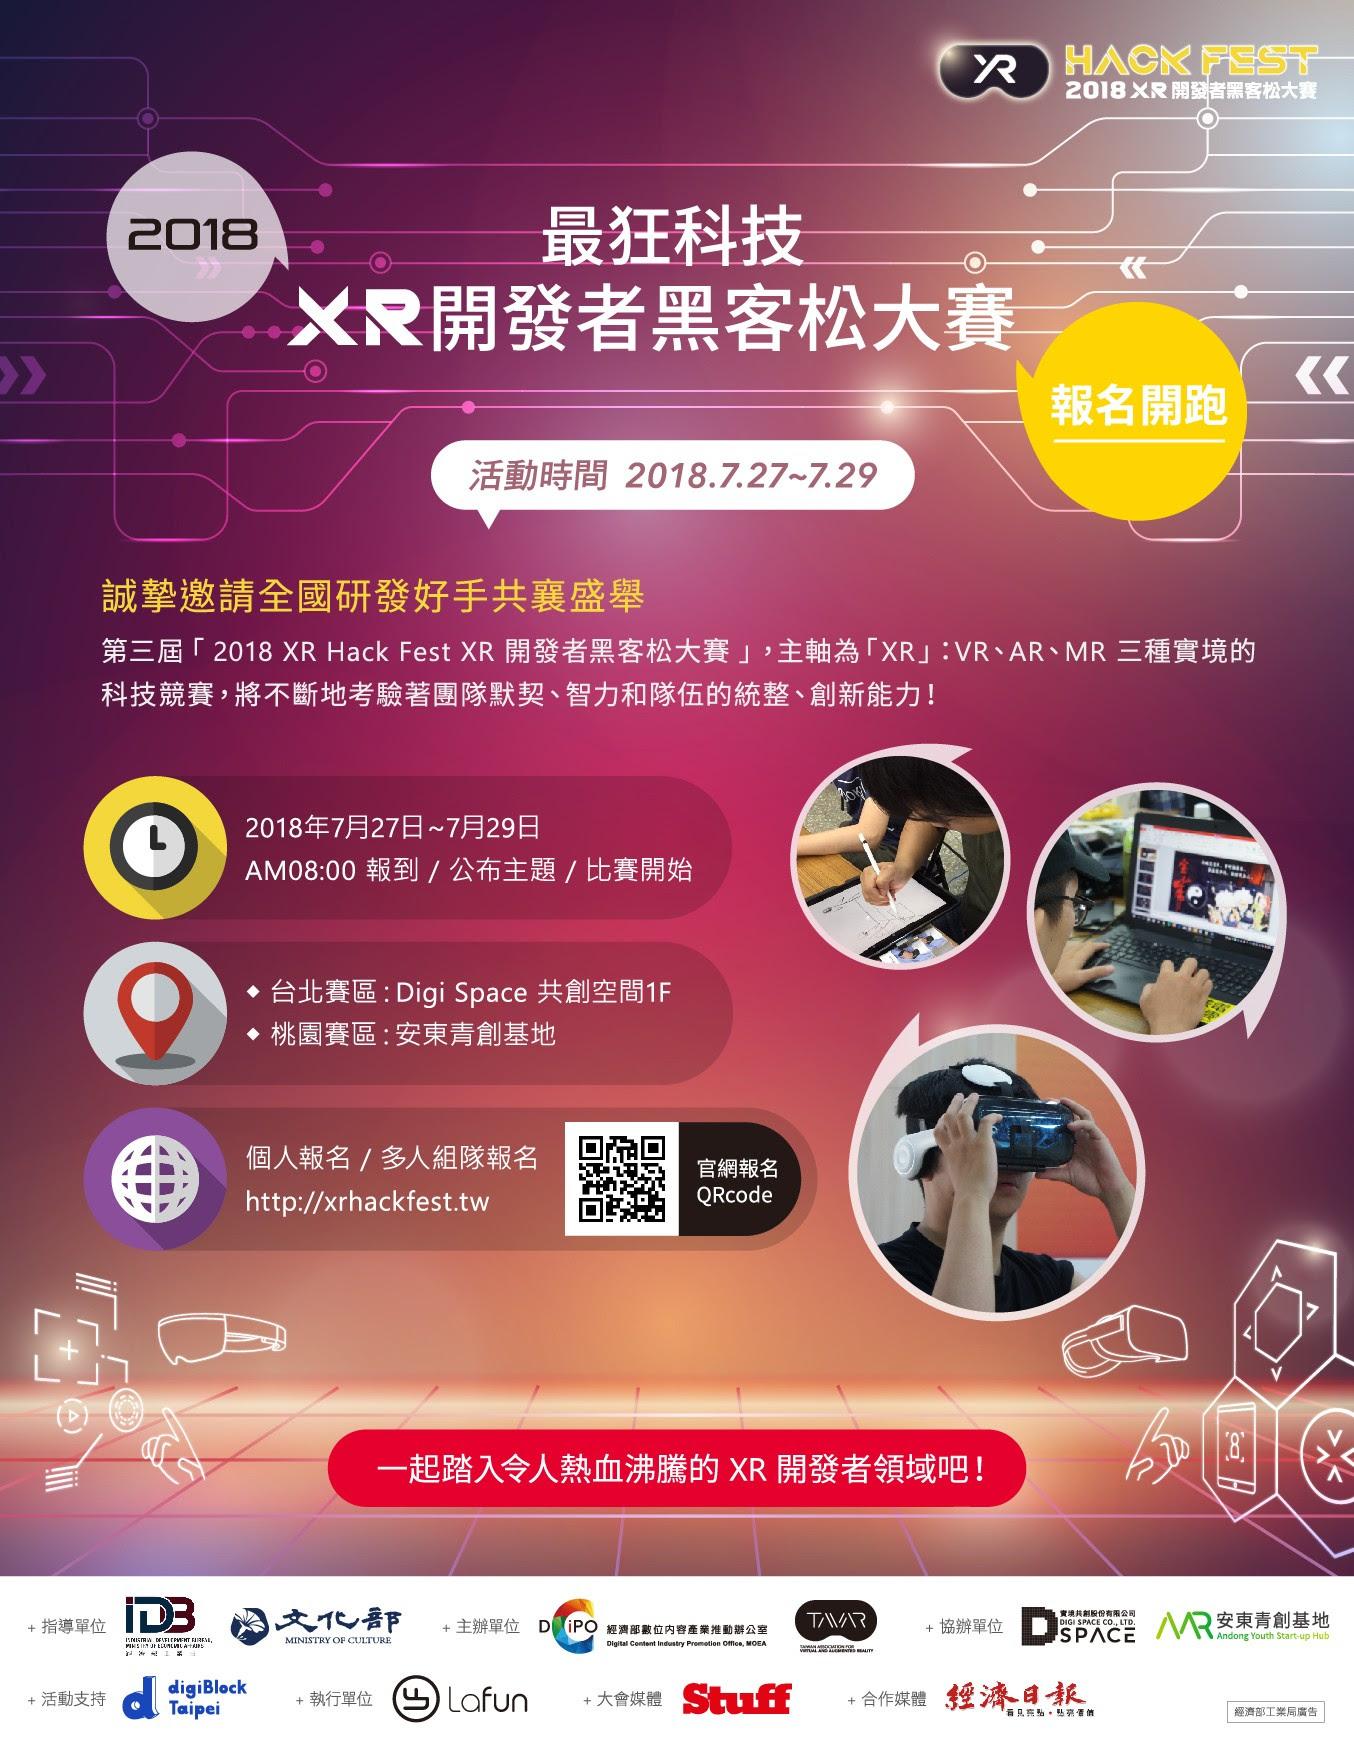 2018 最狂科技XR開發者黑客松大賽